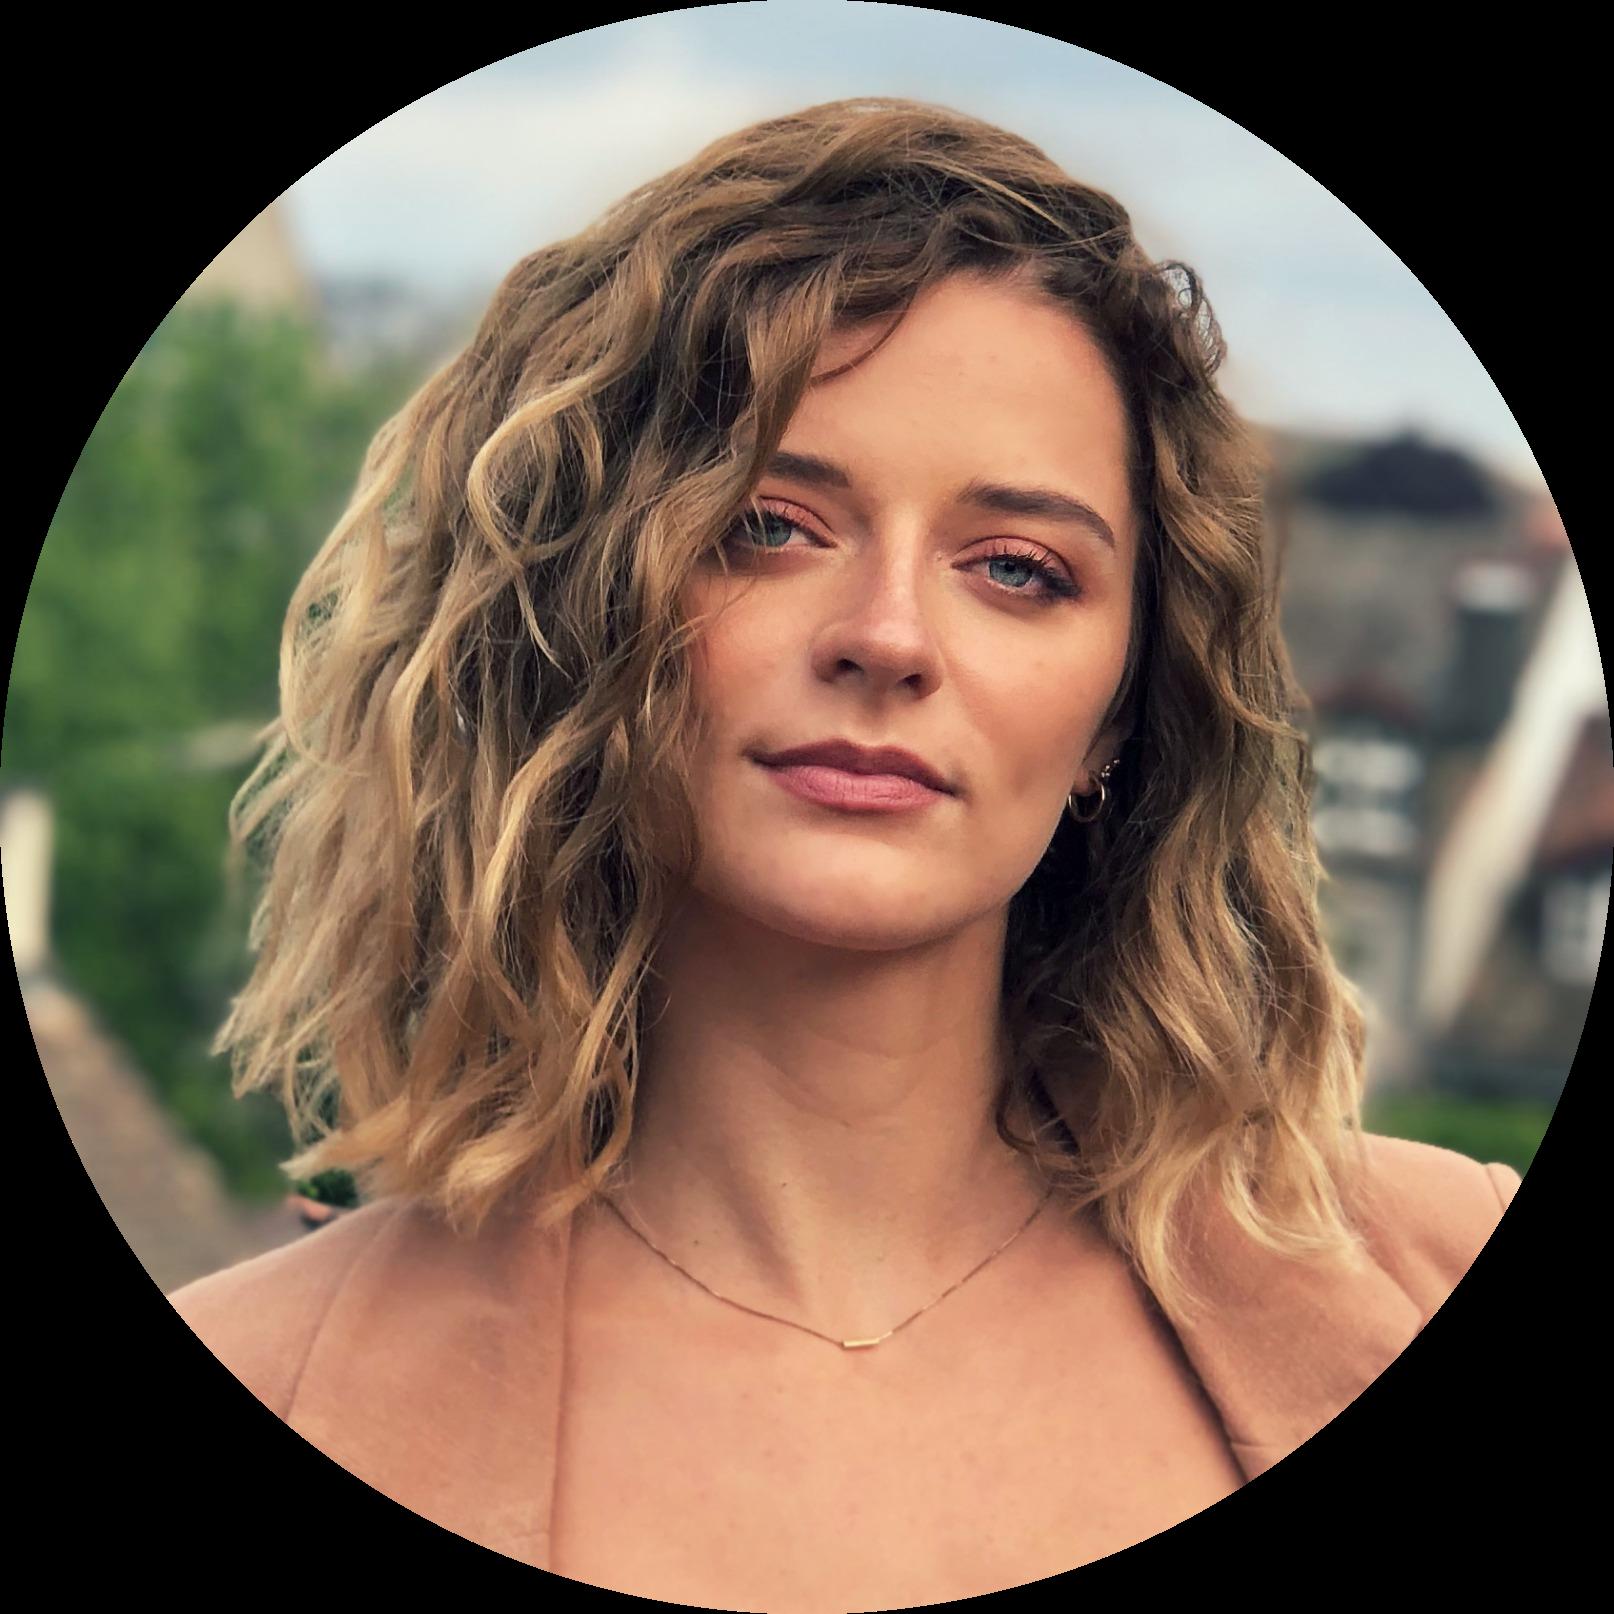 @salomewoerlen Profile Image | Linktree